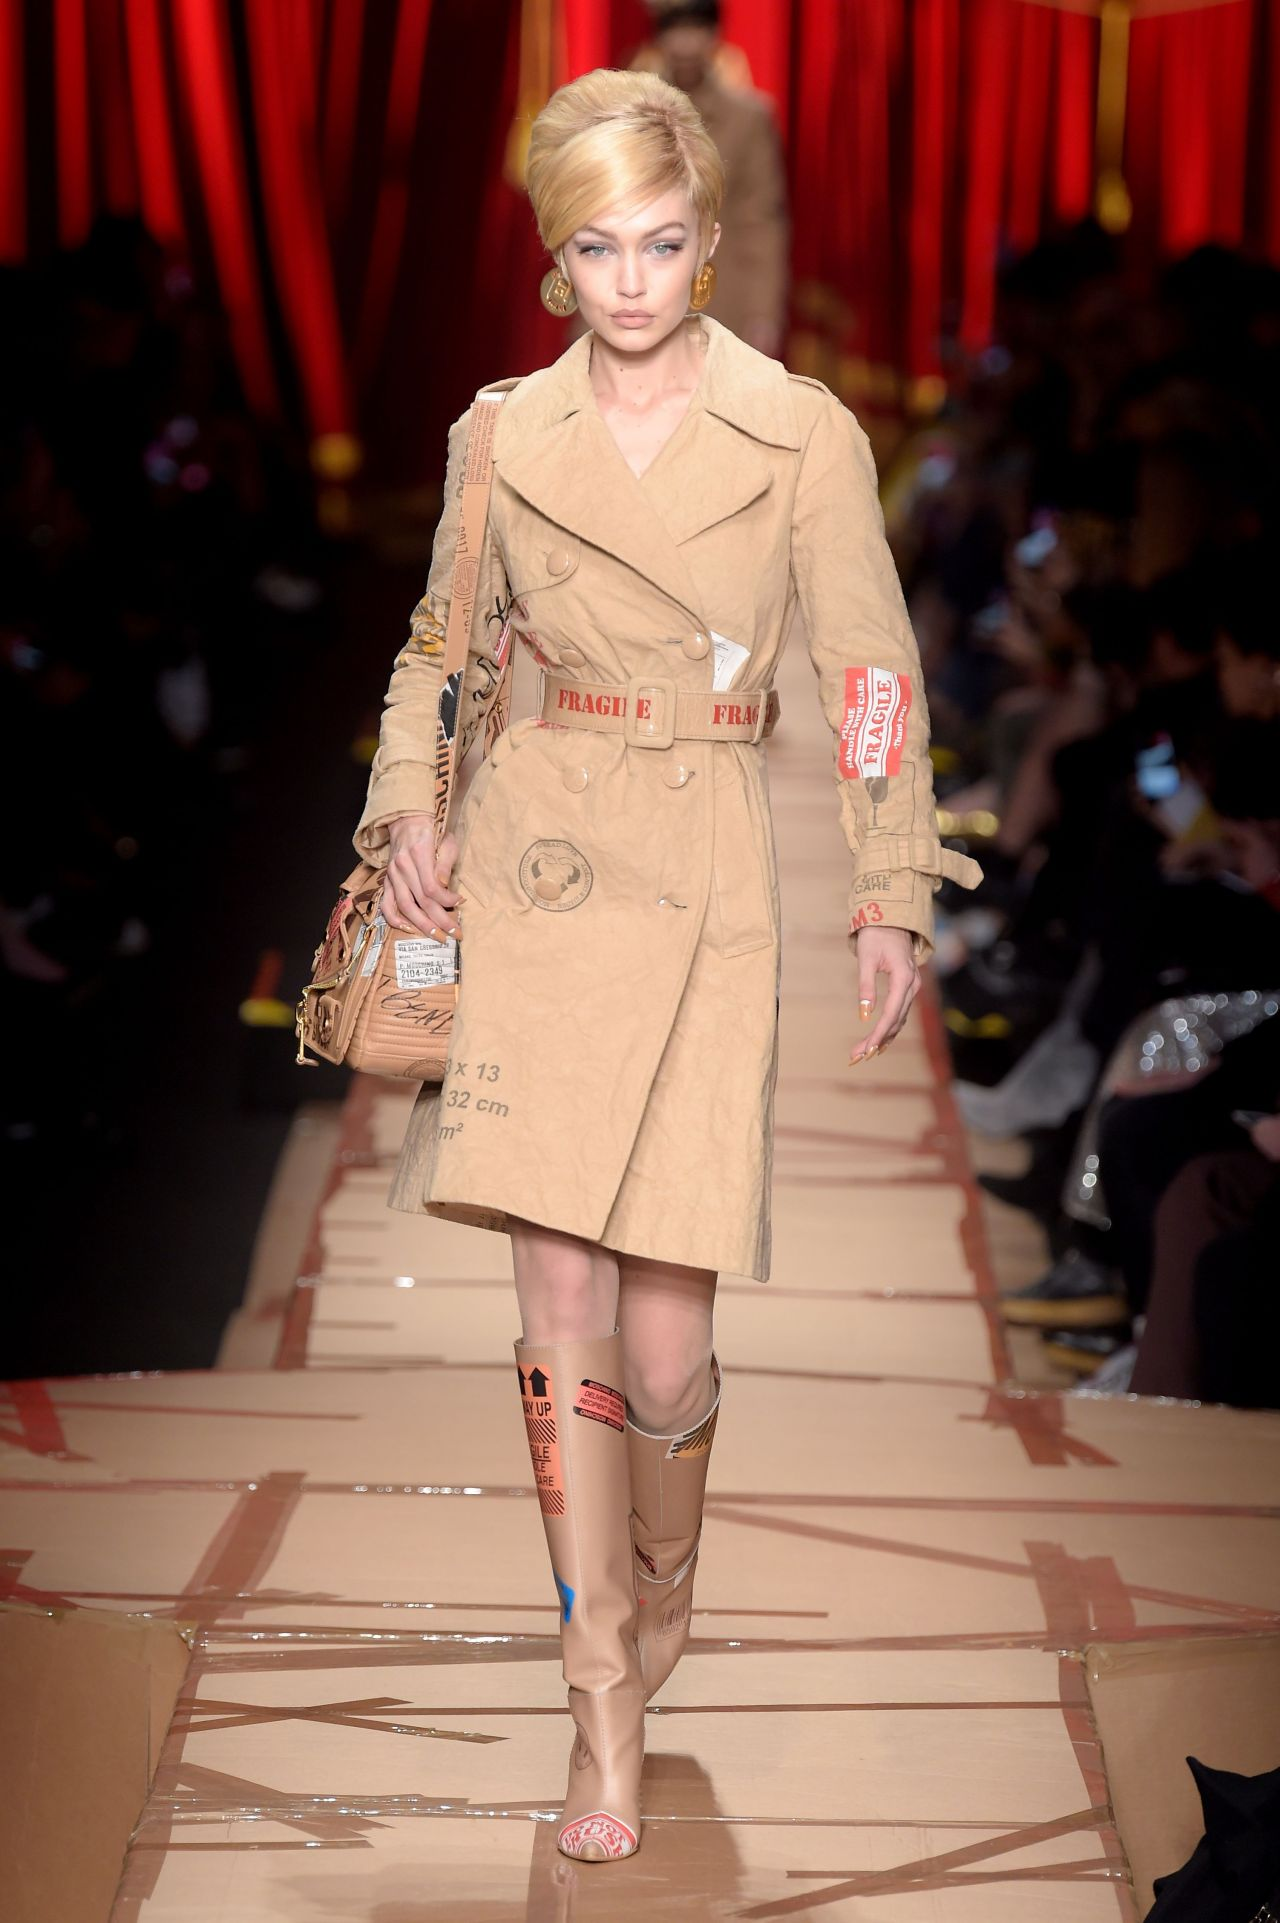 Gigi hadid walks moschino 39 s show milan fashion week 2 23 for Gigi hadid fashion week